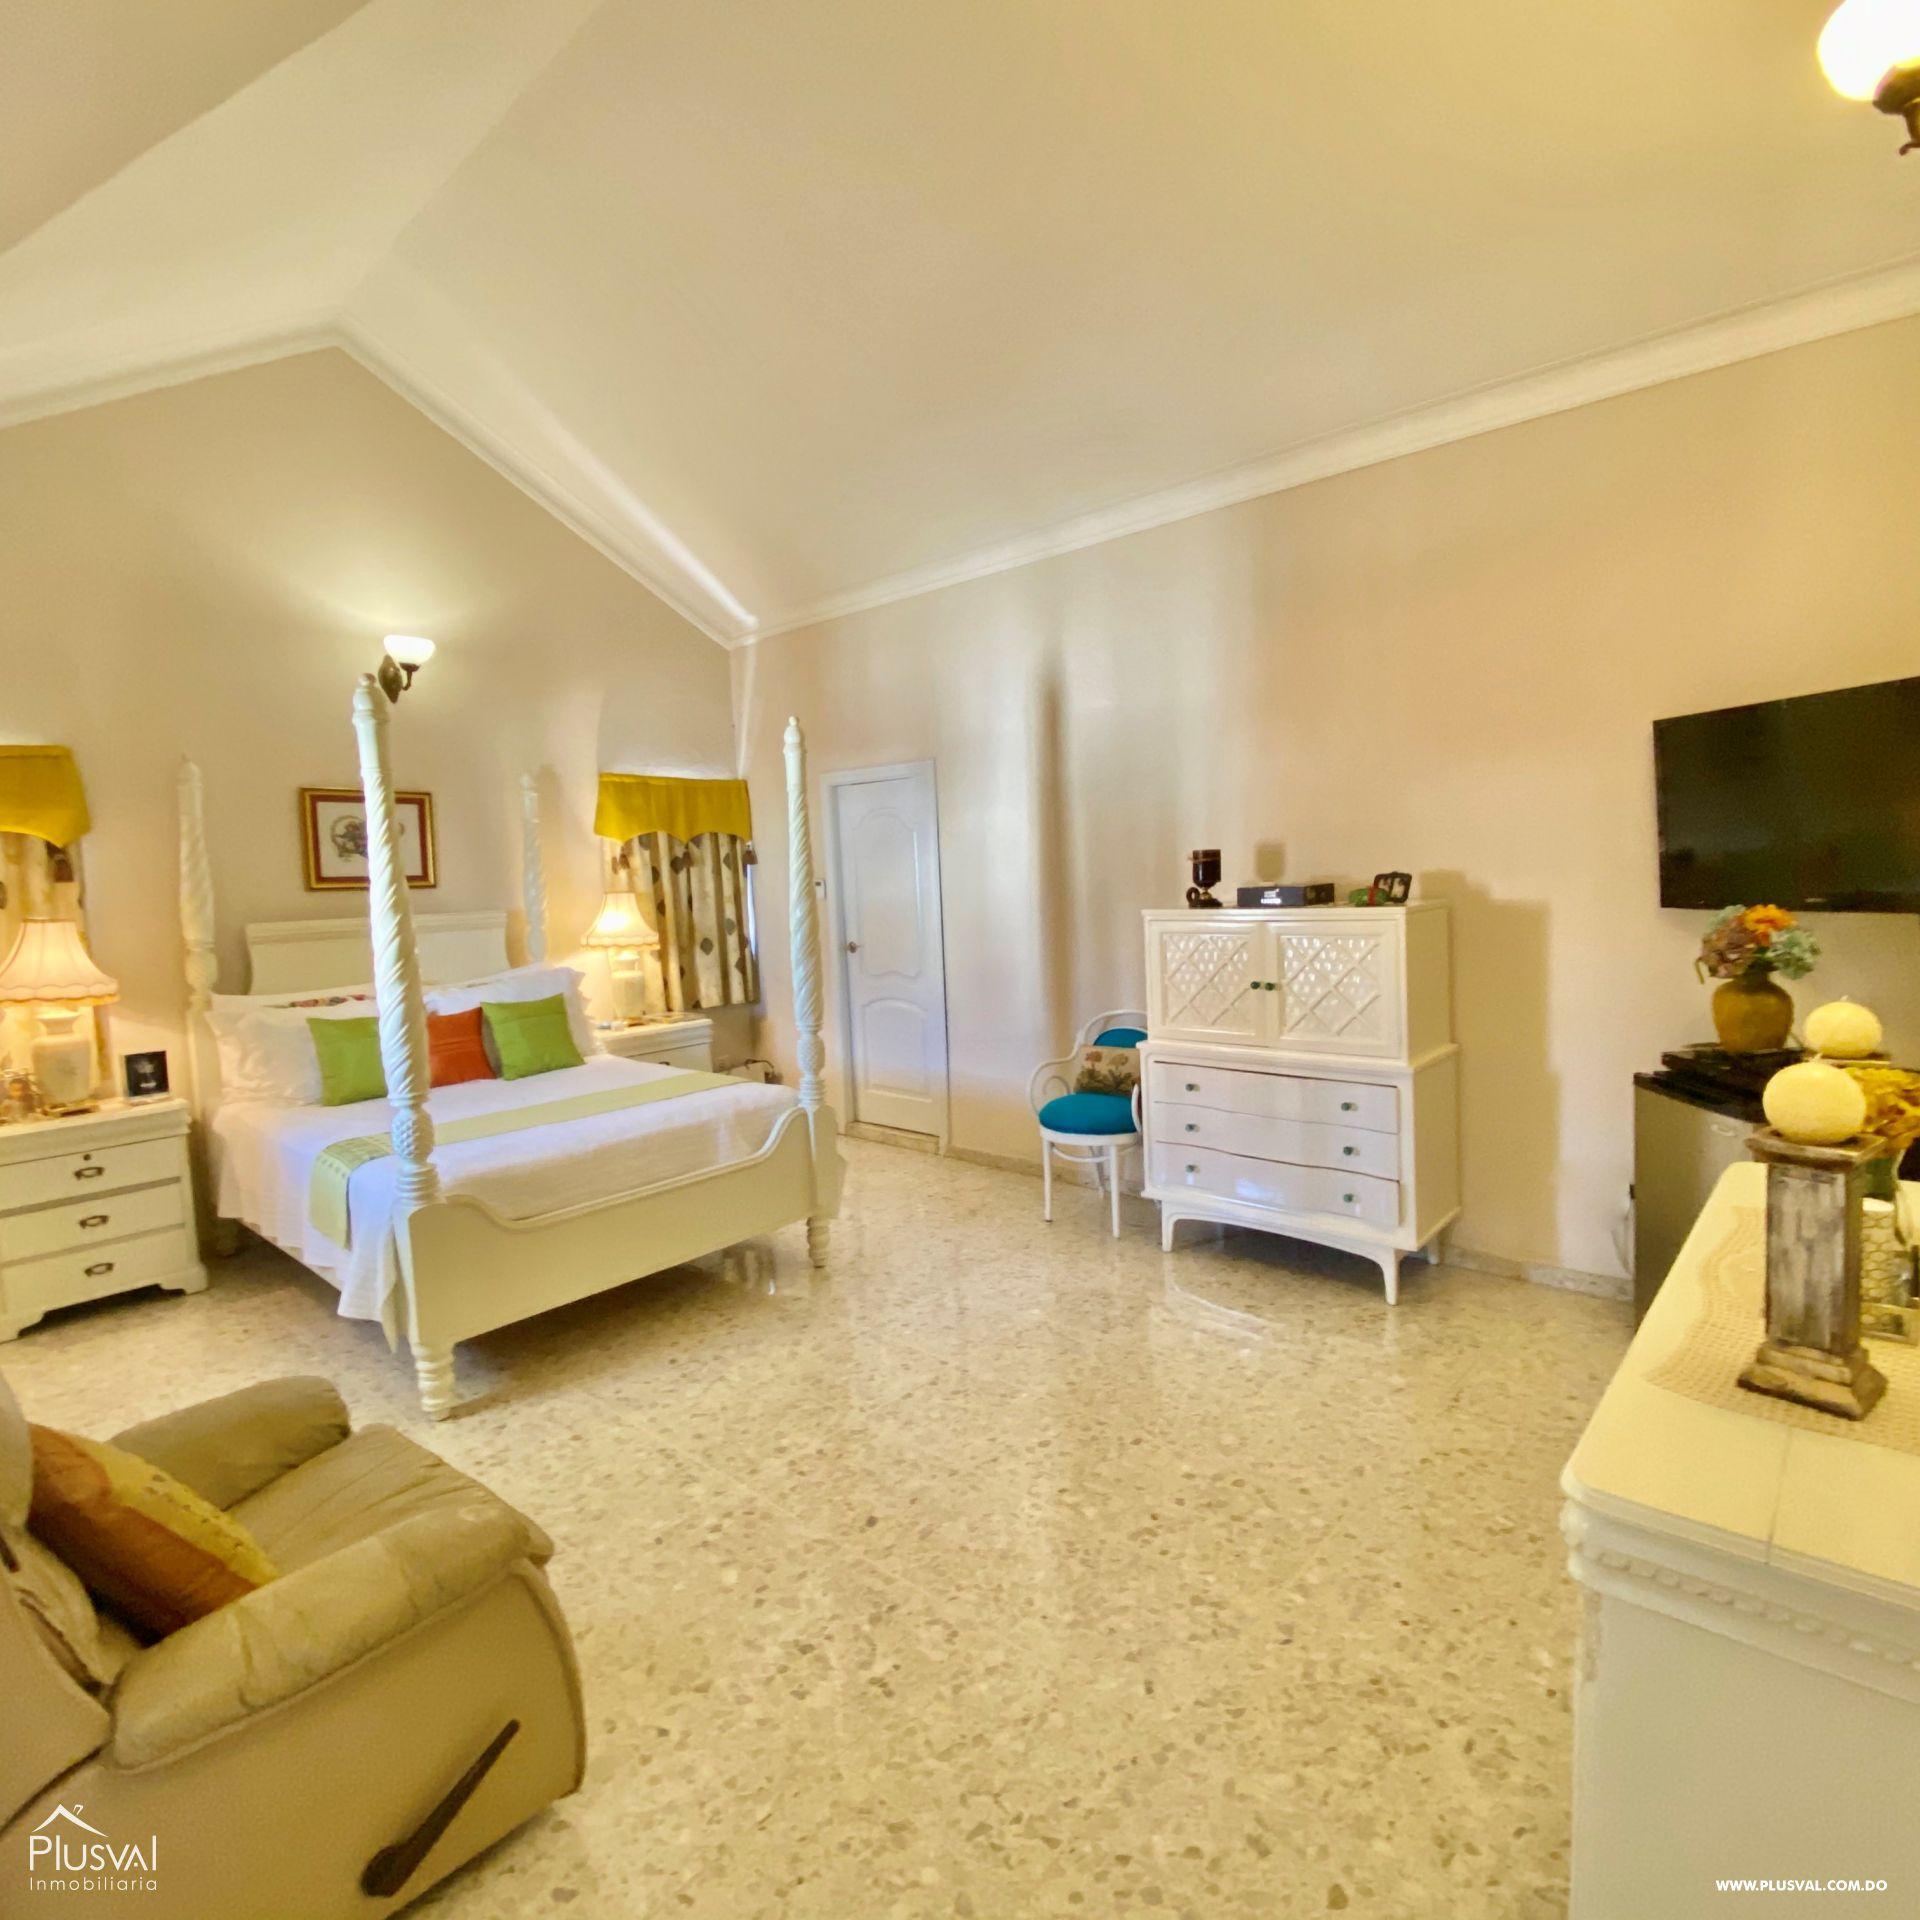 Casa en Venta de Dos Niveles en la Autopista San Isidro 151146